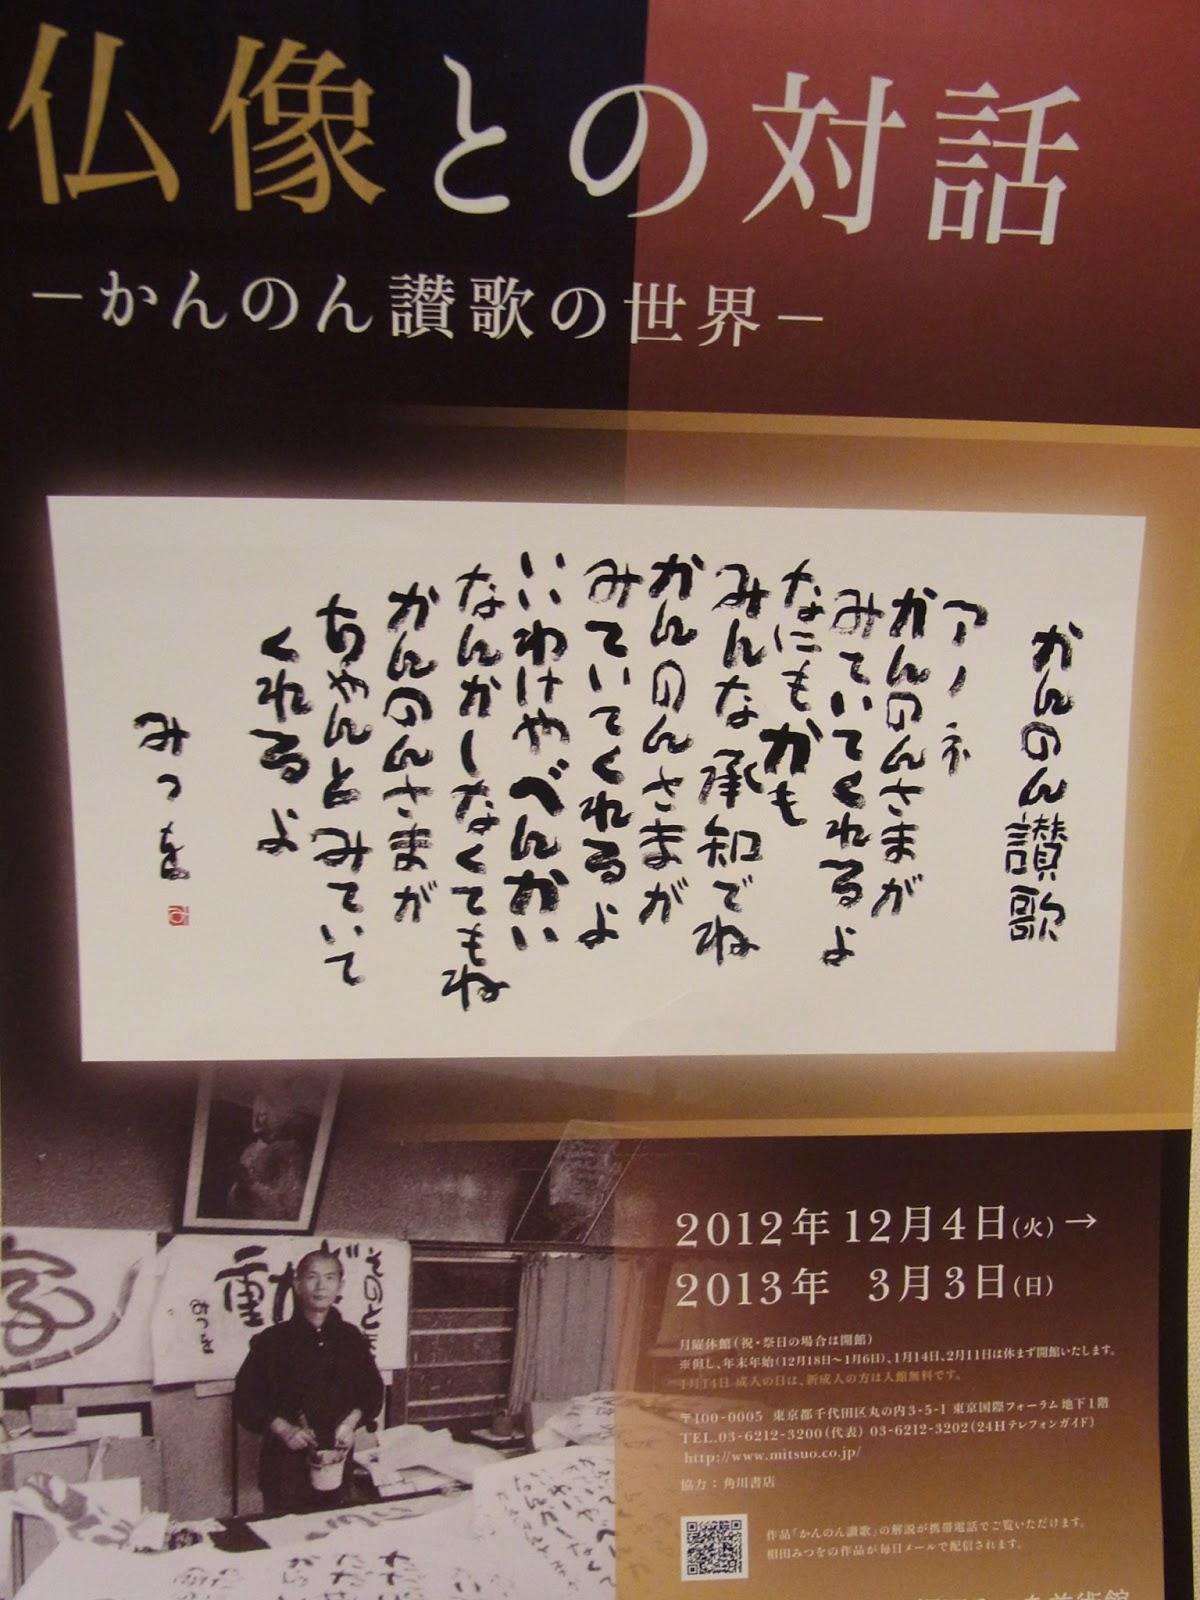 美術の感想文を書いてみるっつ 素直な人なのね 相田みつをと